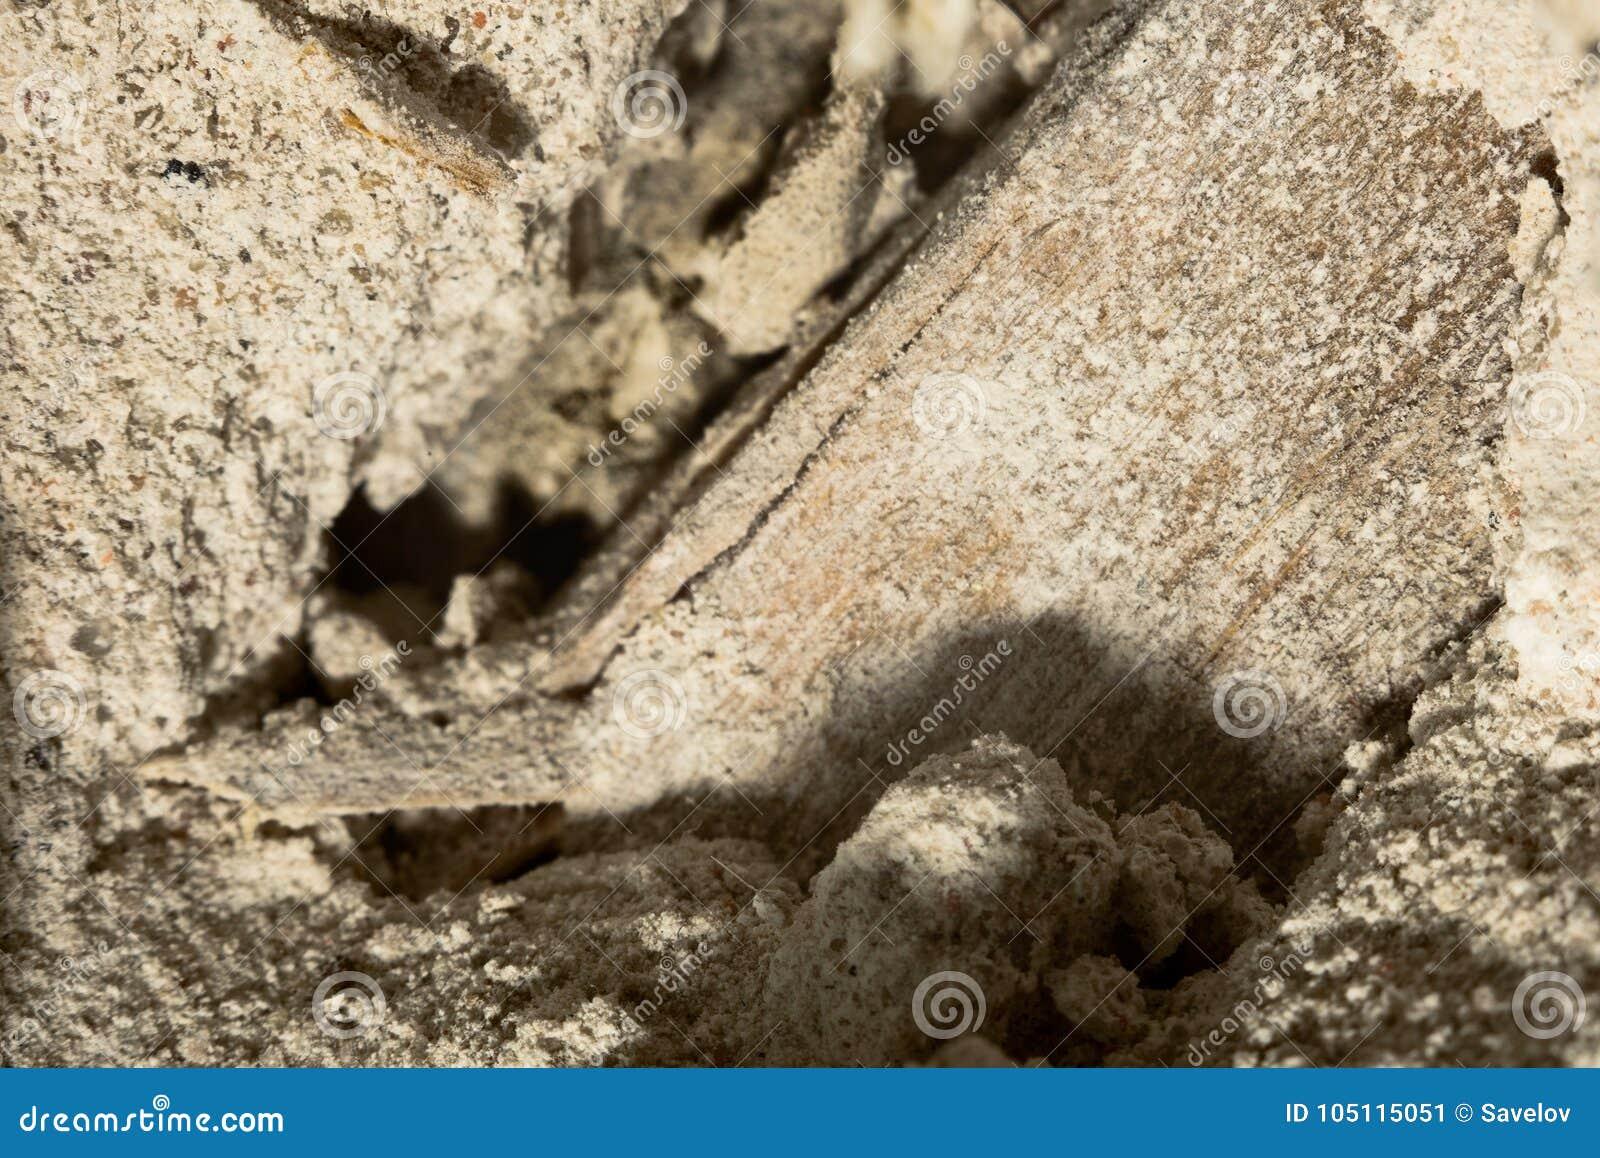 Μέσα στο, θρυμματιμένος τοίχο με μια ξύλινη επικαλύπτοντας μακροεντολή